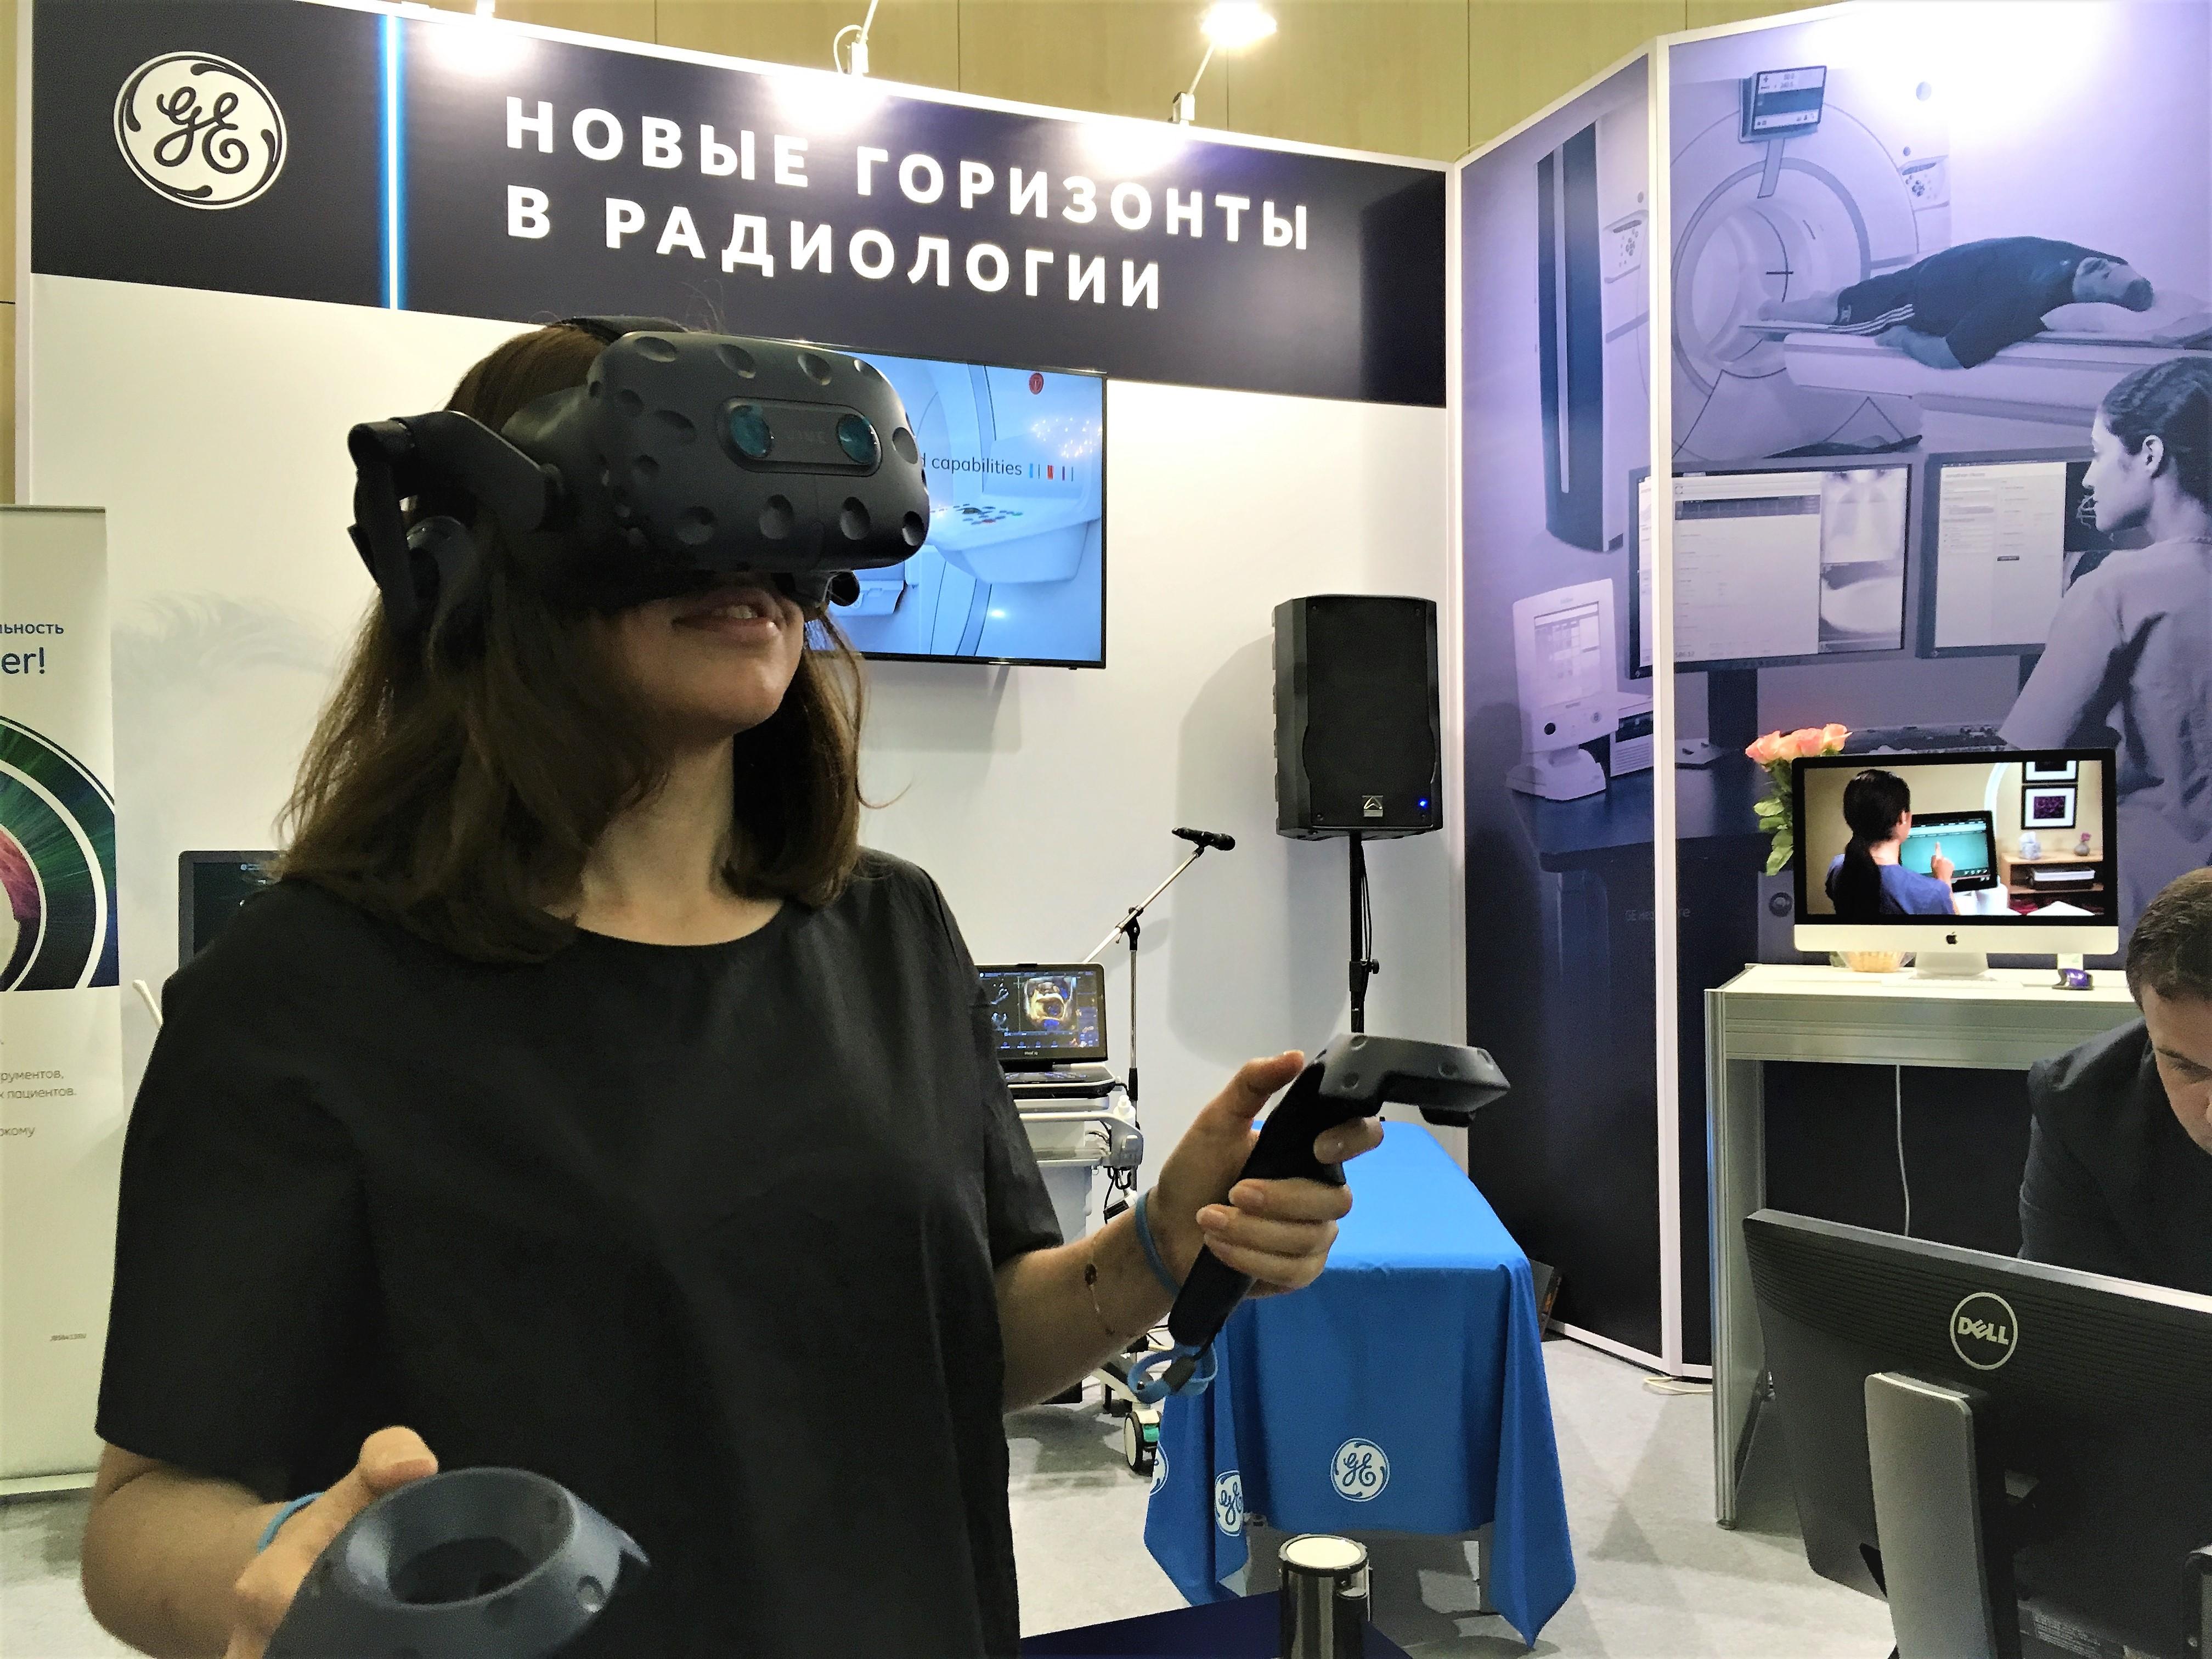 GE Healthcare представила технологии VR и искусственного интеллекта для медицины на конгрессе